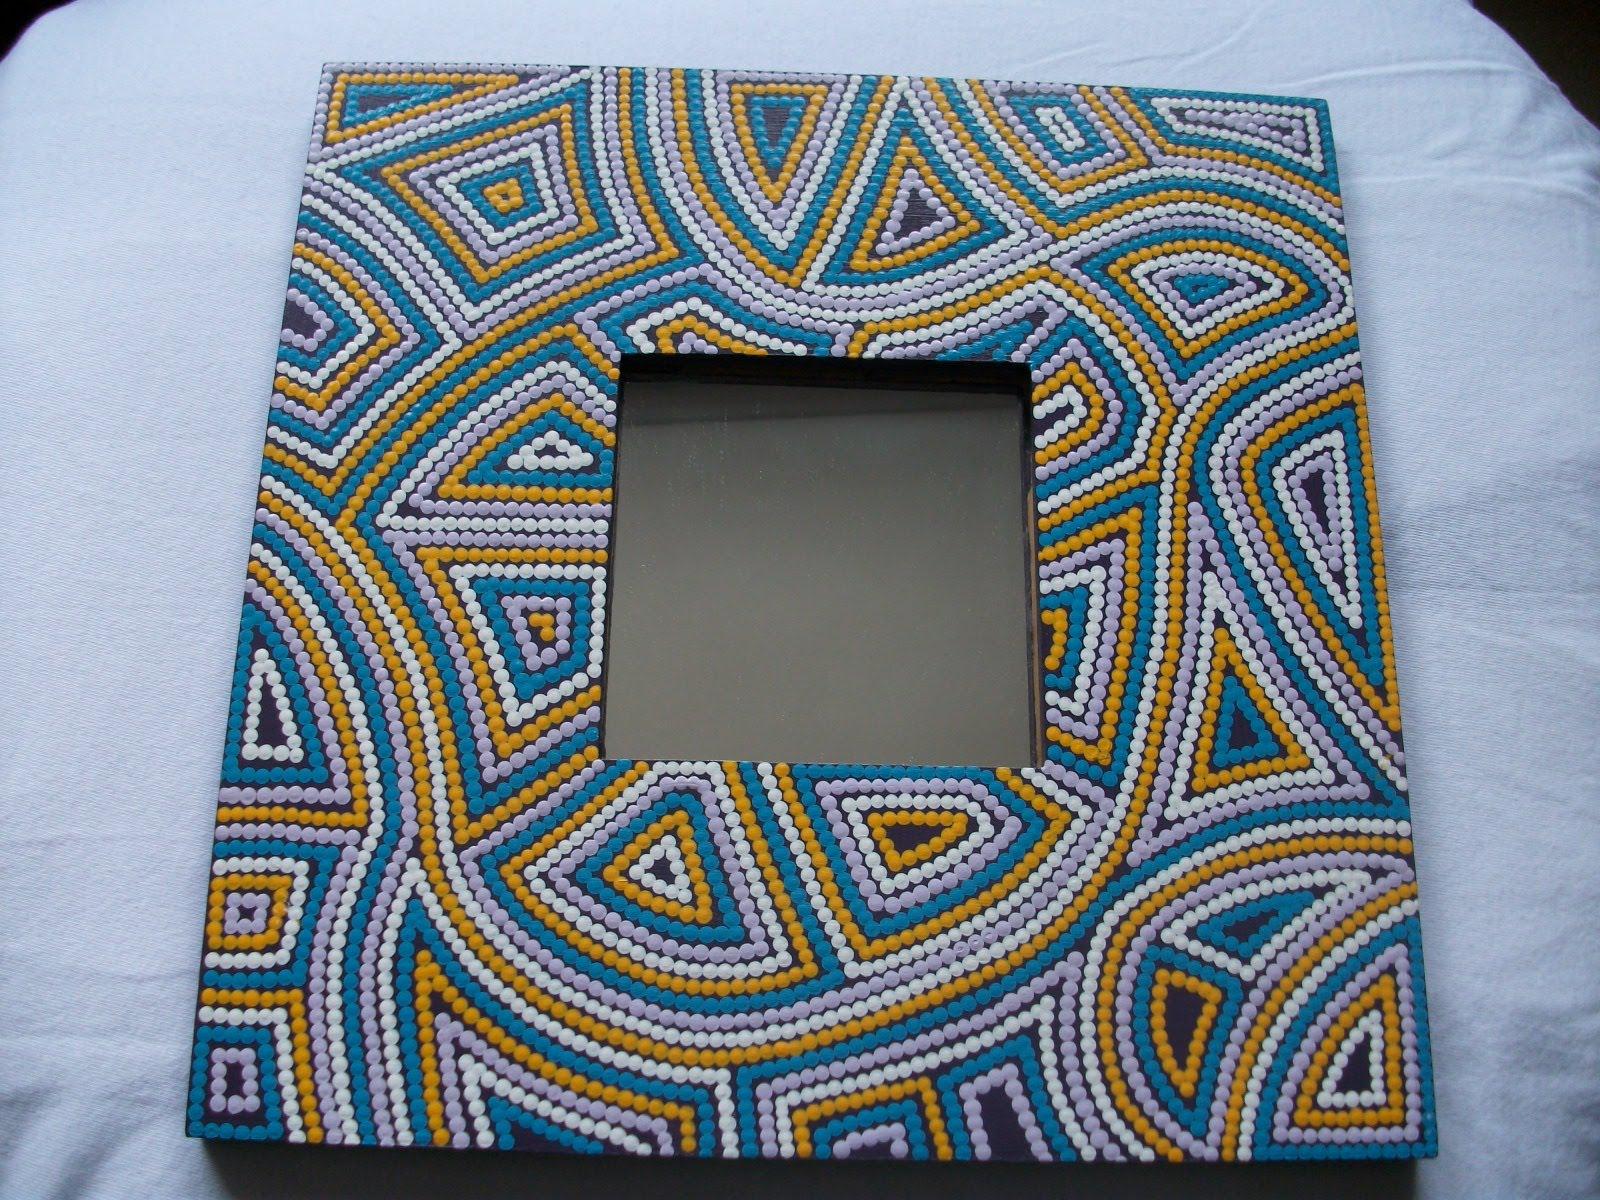 Regala marcos decorados de forma artesanal nuevos modelos for Marcos para espejos artesanales